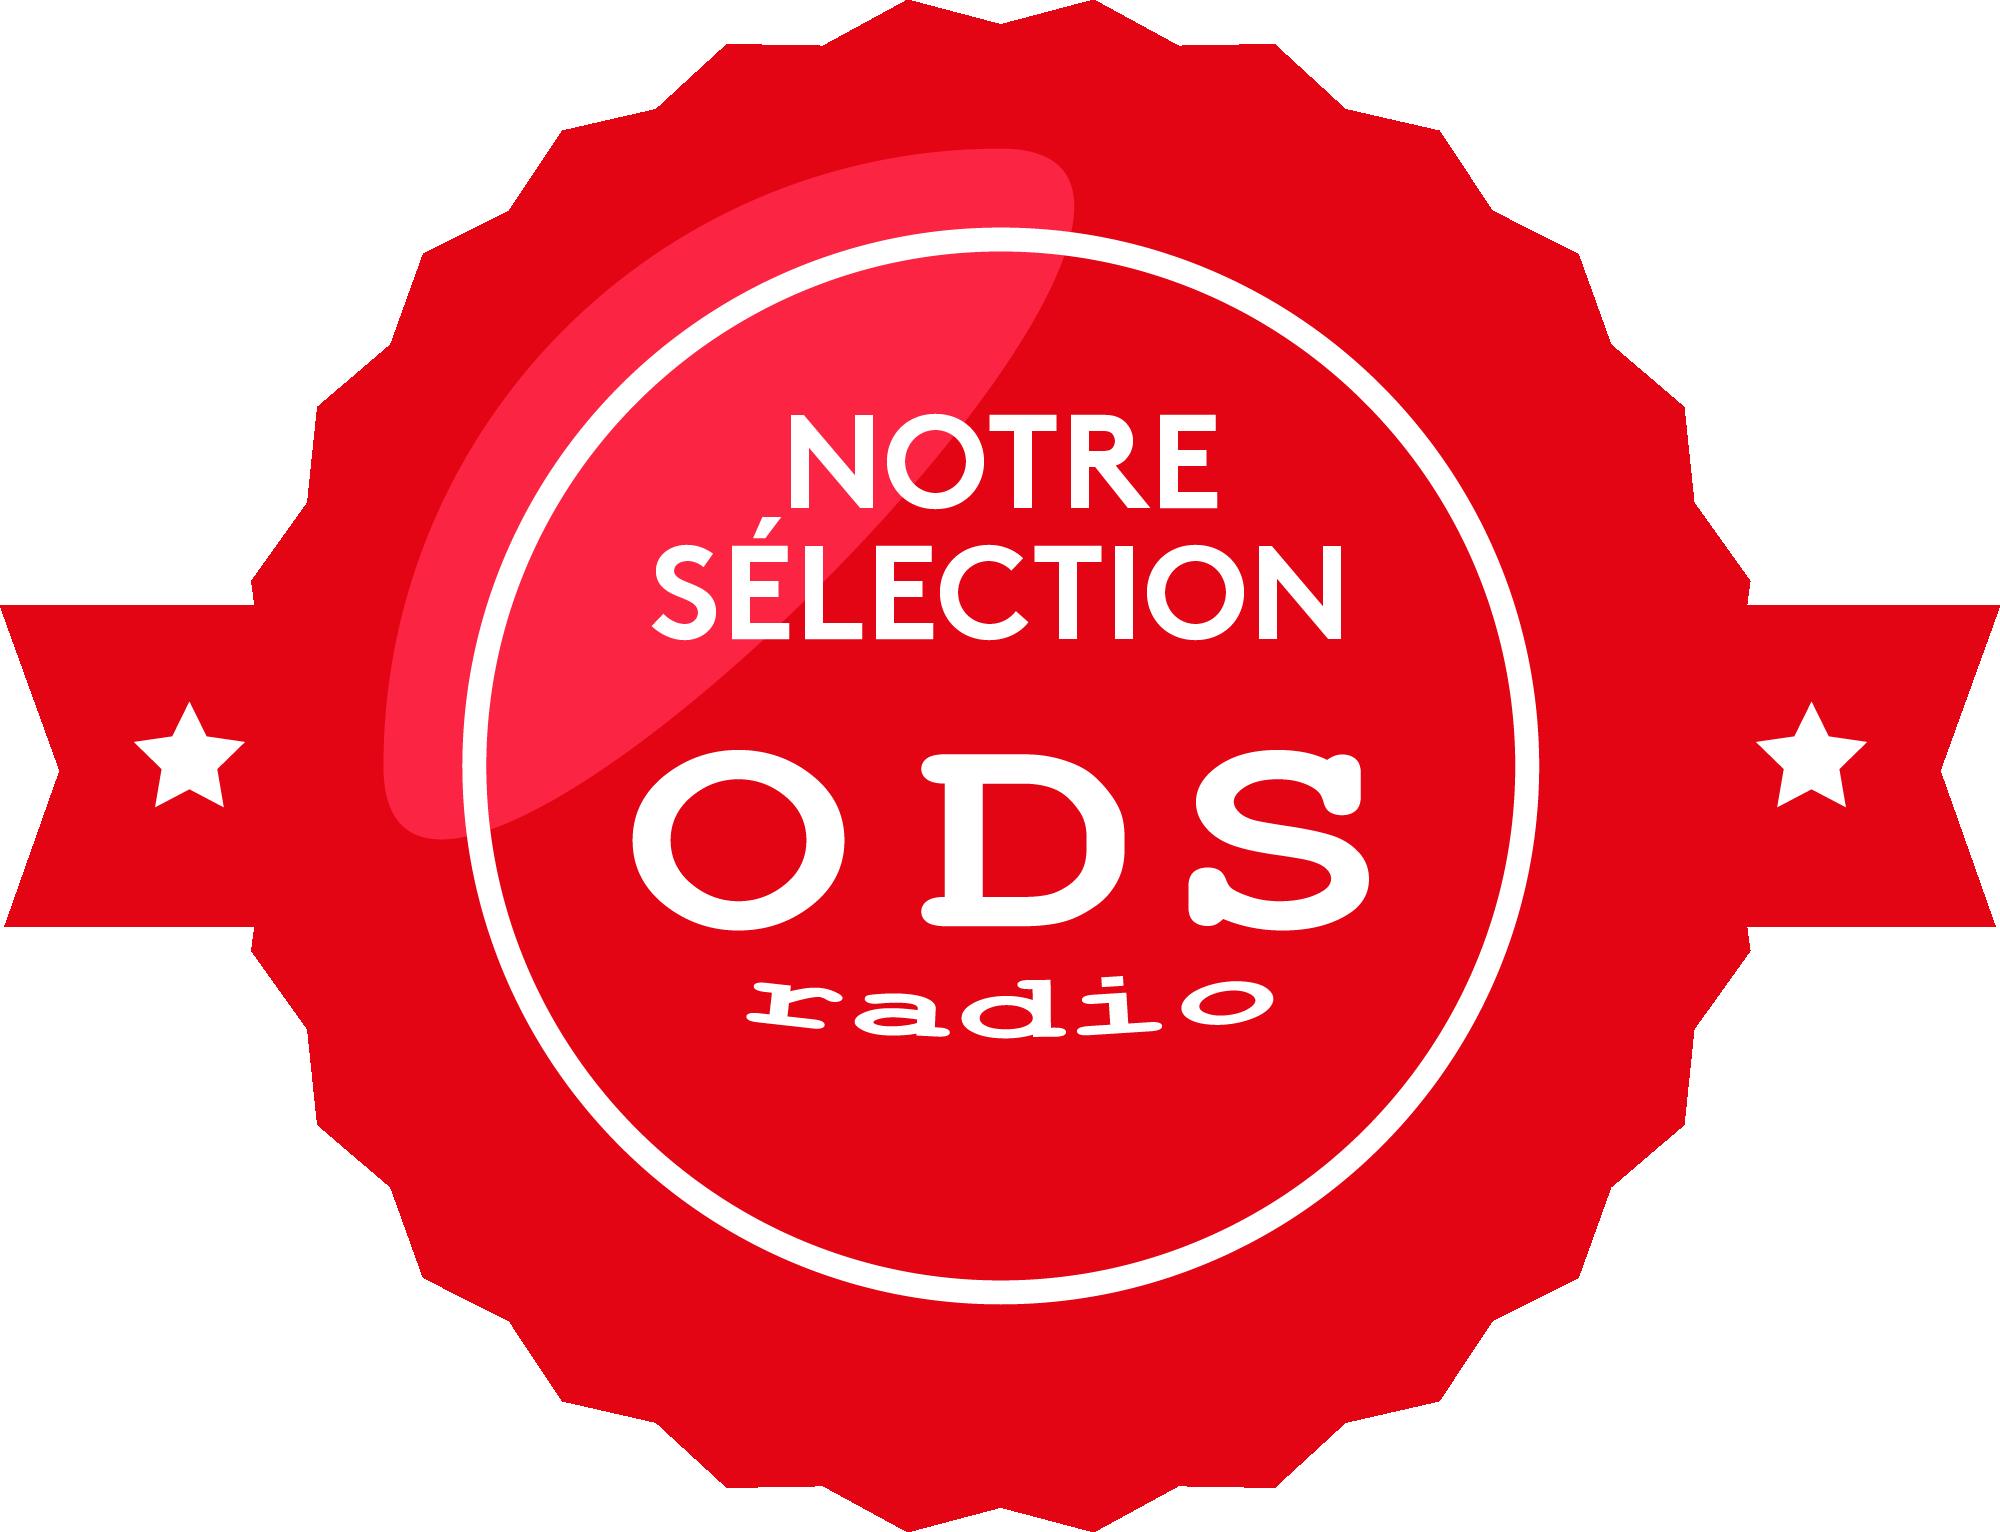 Notre sélection ODS Radio